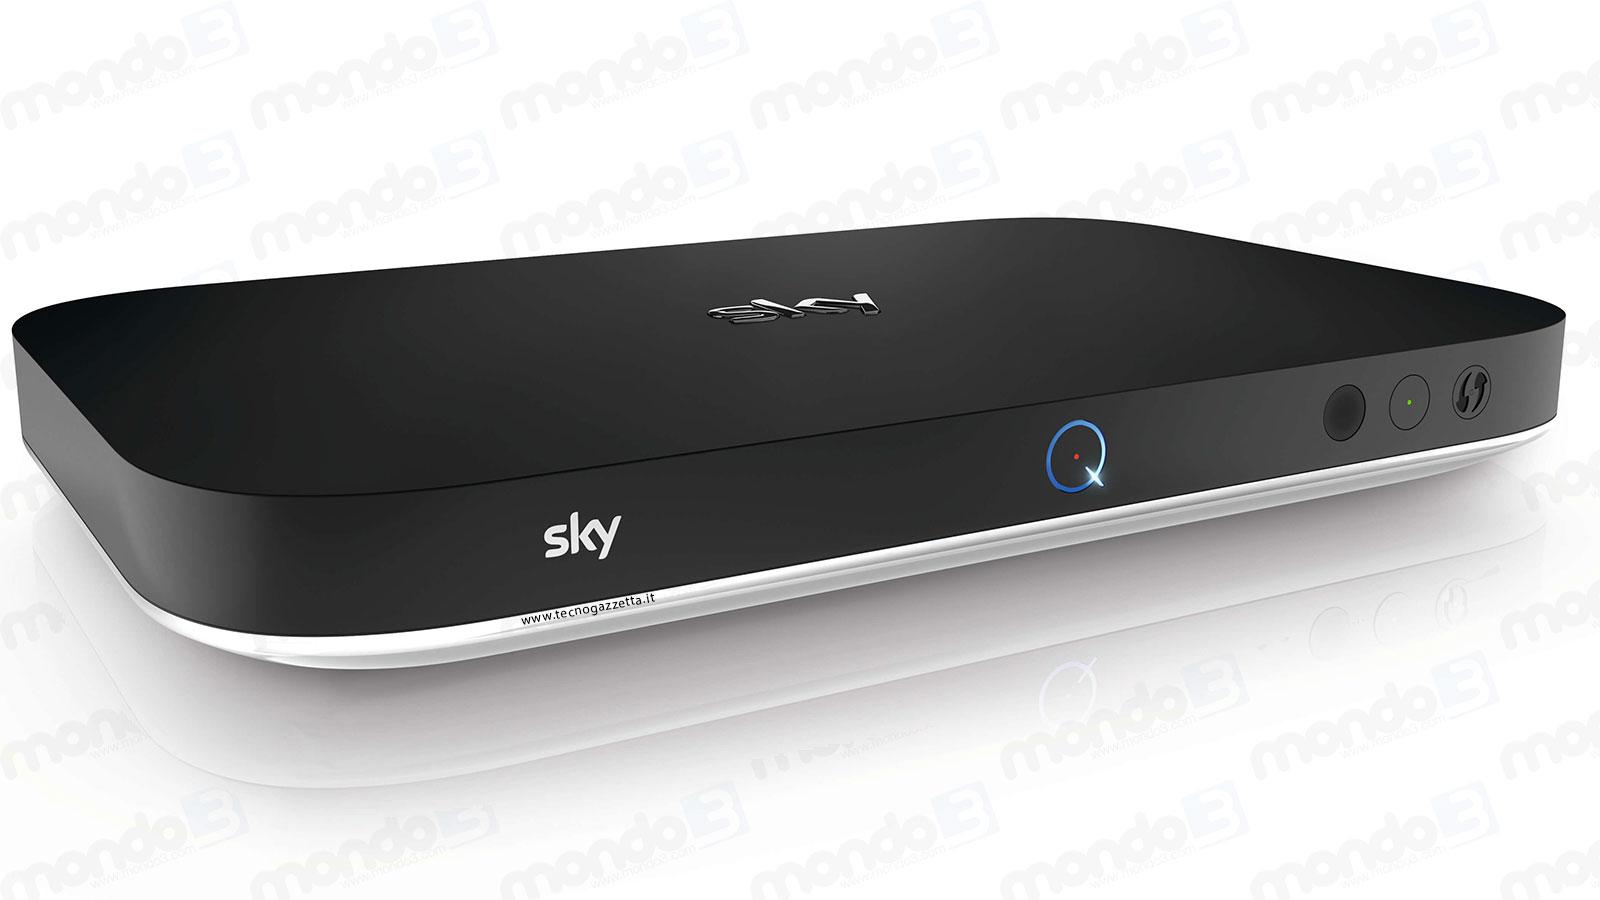 Promozioni Sky, proroga al 25 febbraio per le offerte speciali su satellite, fibra e digitale